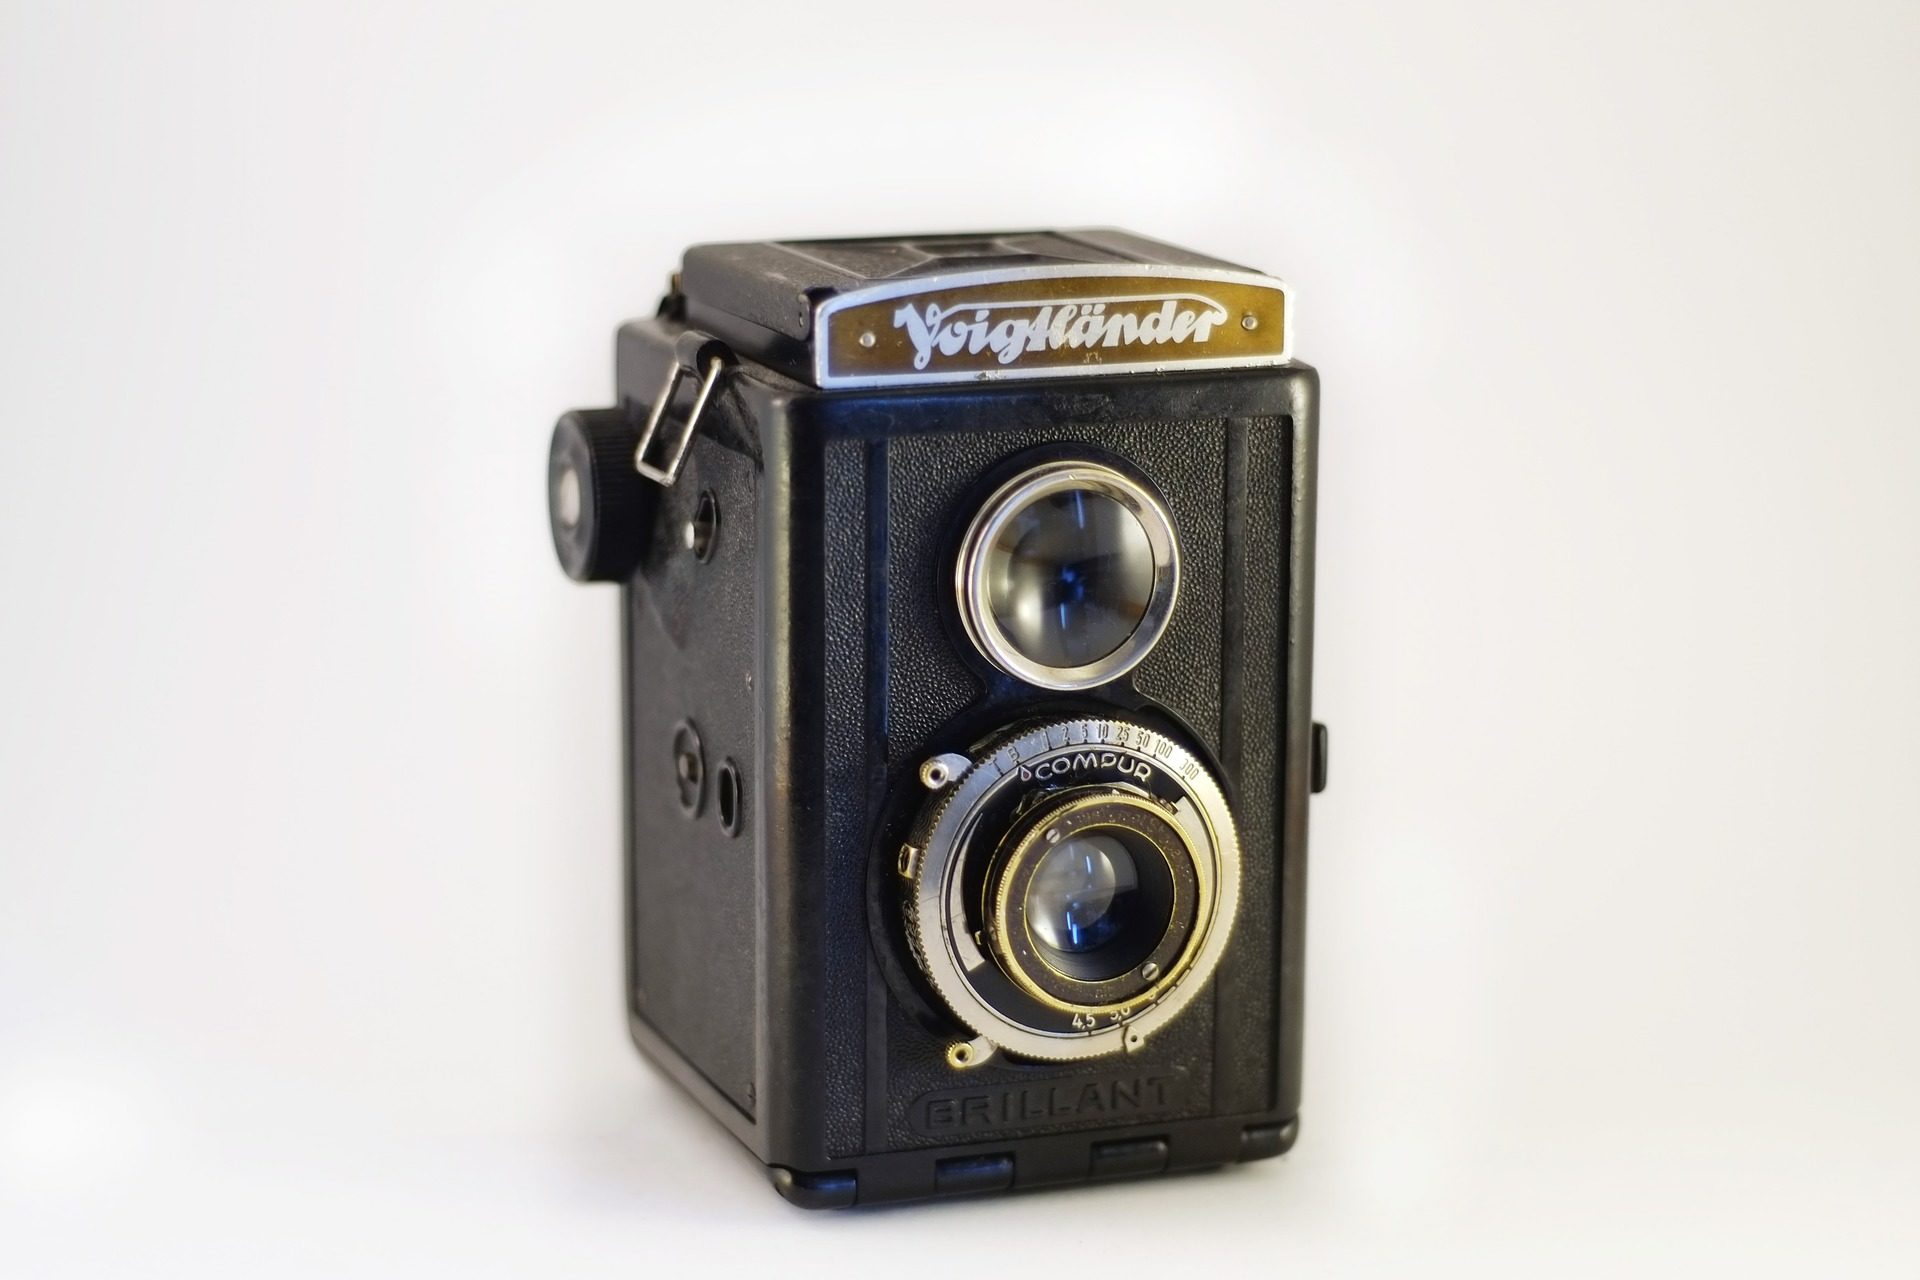 الكاميرا, التصوير الفوتوغرافي, vieja, القديمة, خمر, كلاسيك - خلفيات عالية الدقة - أستاذ falken.com